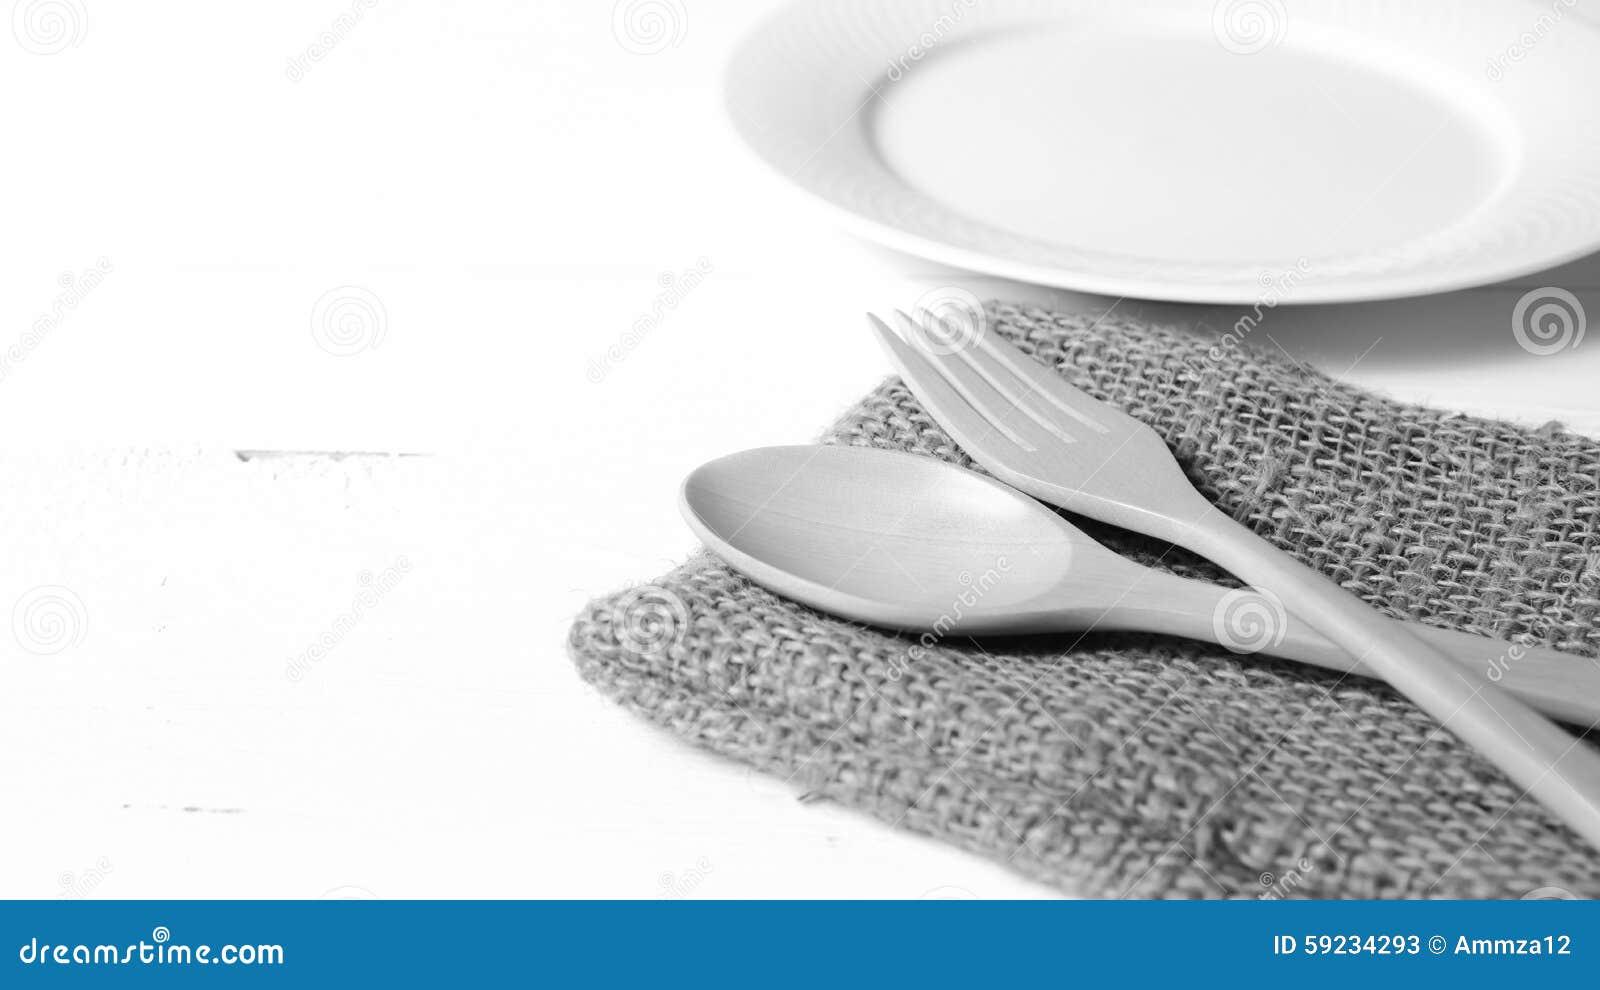 Download Cuchara Y Bifurcación De Madera Con Estilo Blanco Y Negro Del Color De Tono Del Plato Imagen de archivo - Imagen de eating, vacío: 59234293